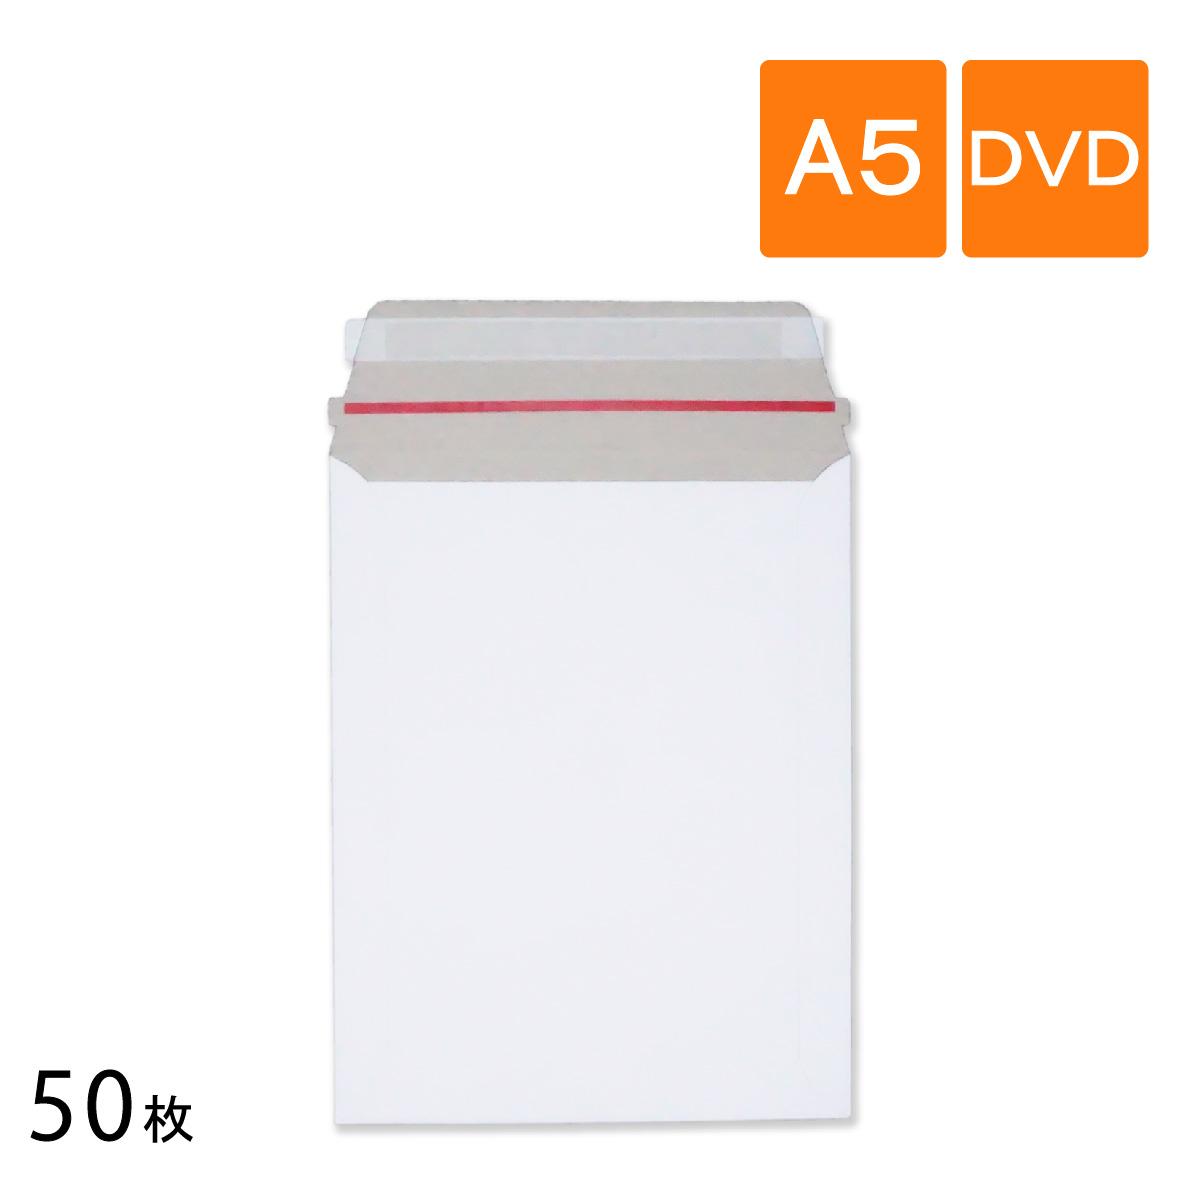 50枚 送料無料 厚紙封筒 ビジネスレターケース 全店販売中 190×245mm A5 A5書籍 DVDサイズ 高い素材